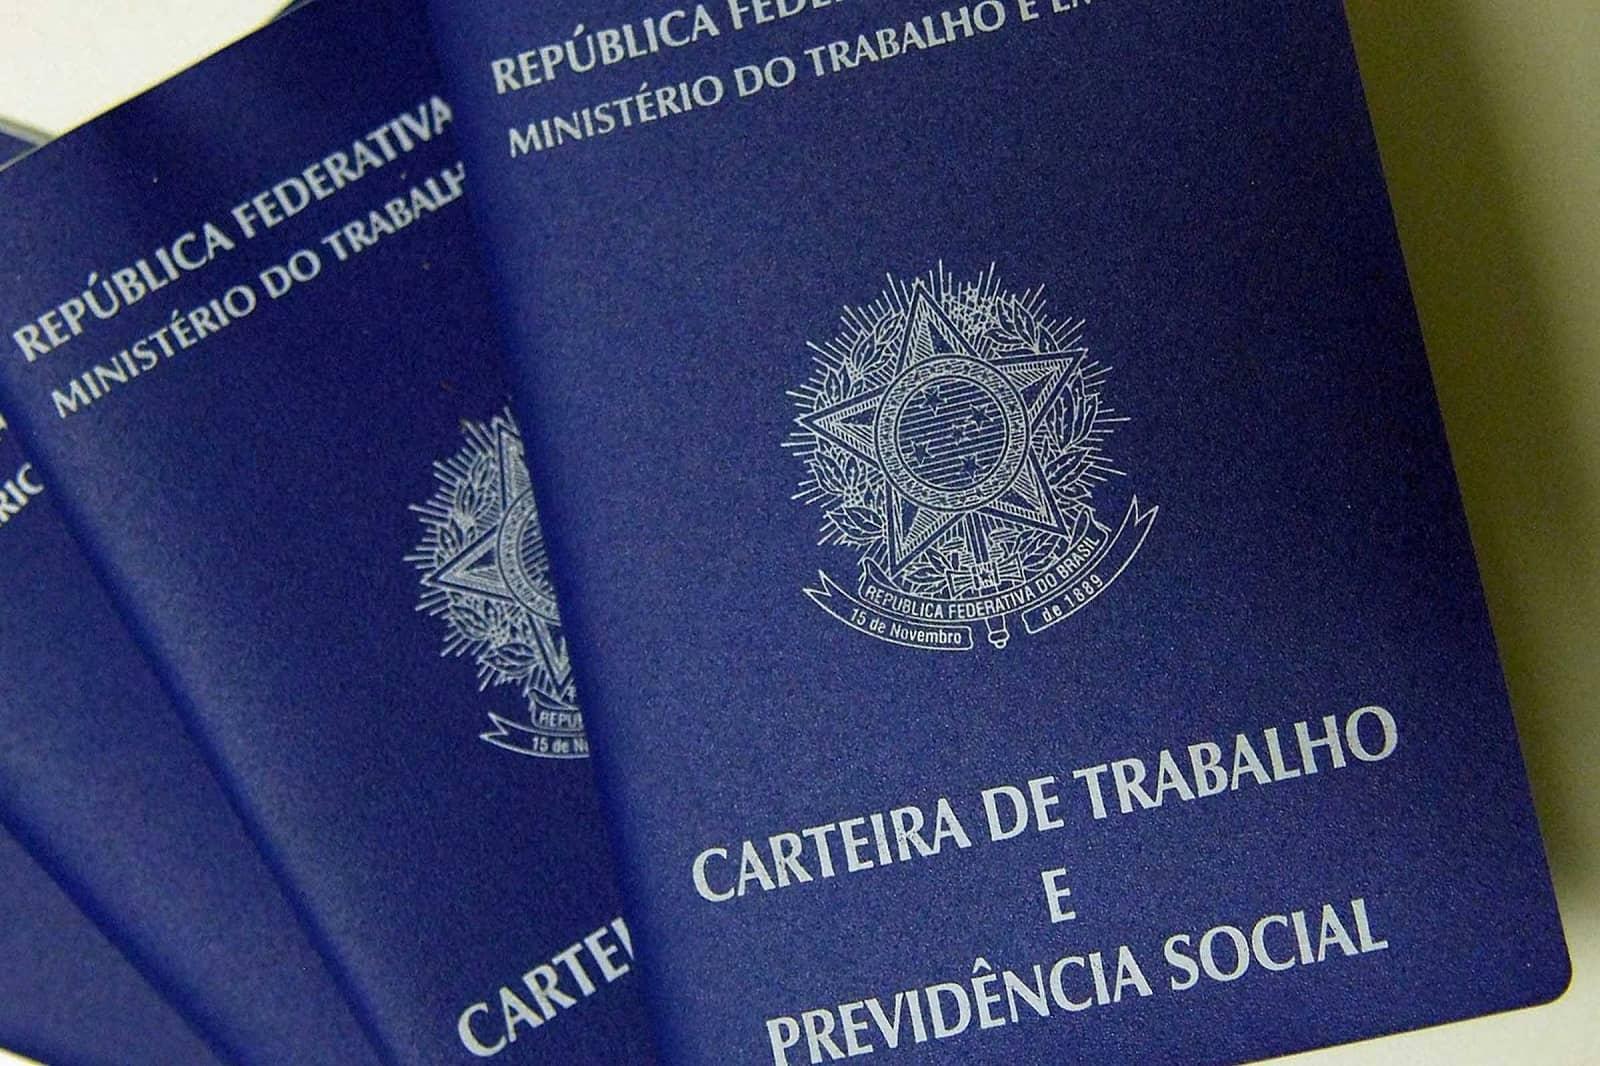 Trabalhadores podem pedir revisão do FGTS do período de 1999 a 2013